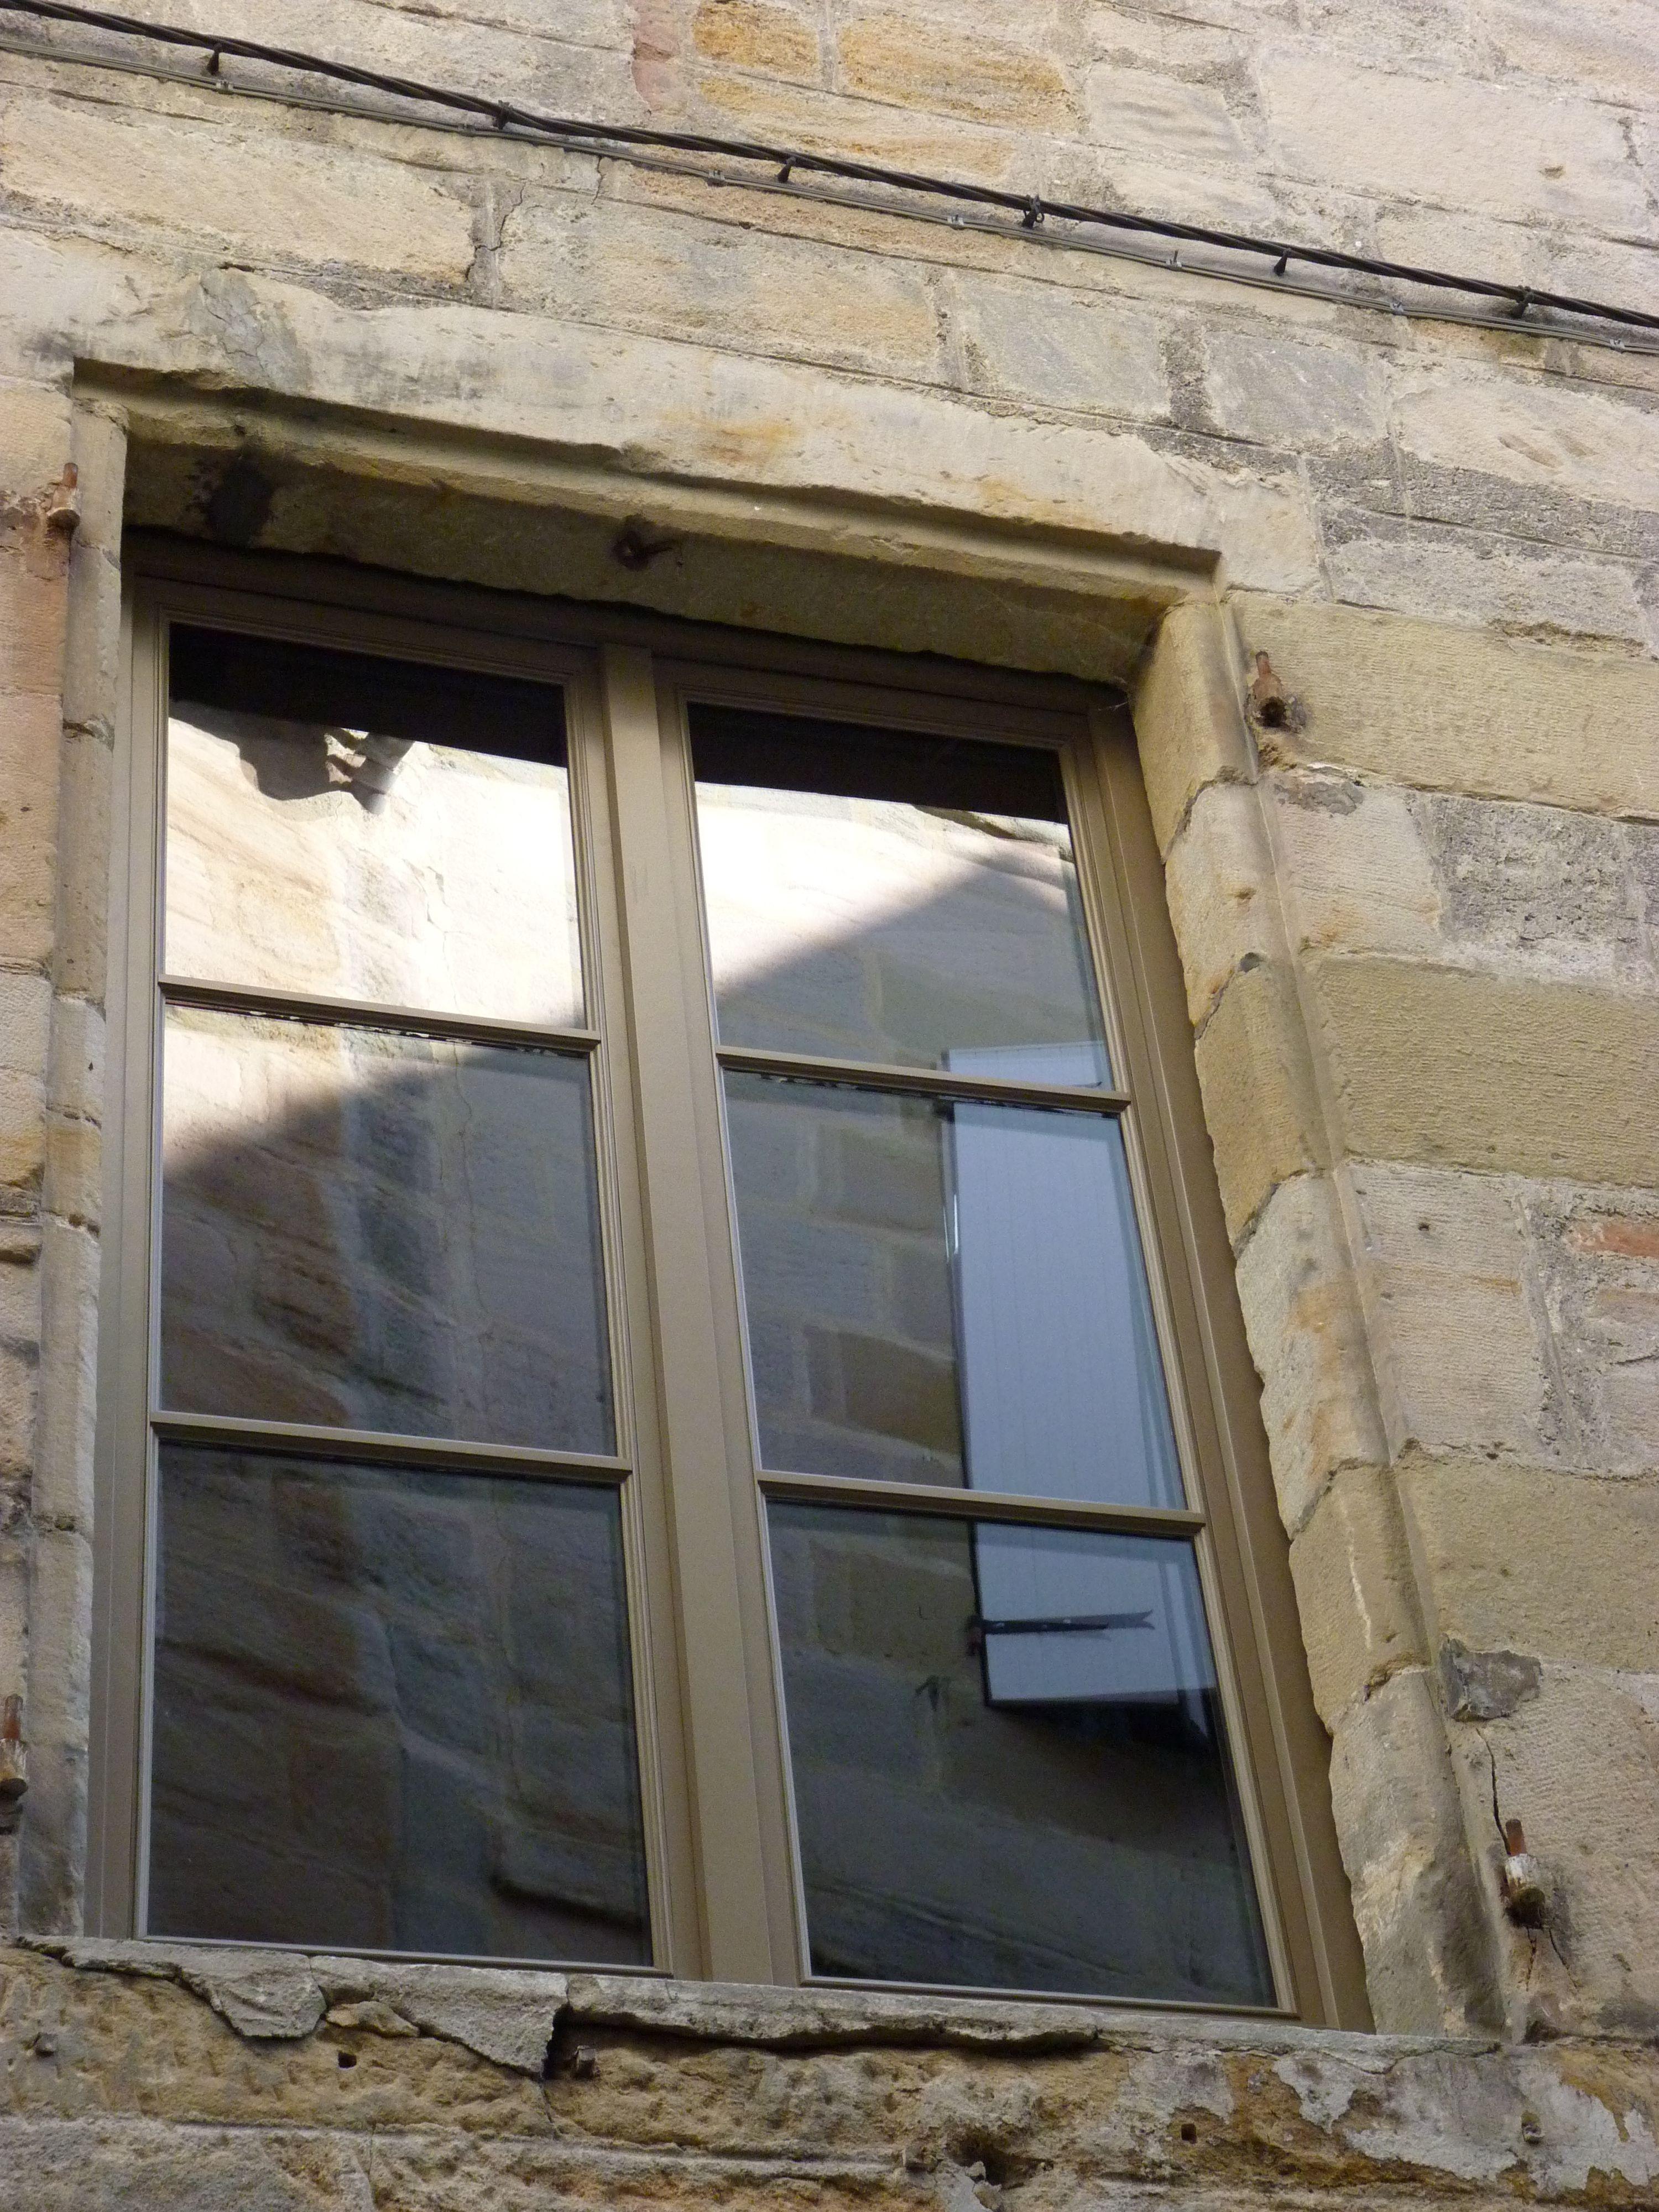 Peindre Fenetre Pvc En Gris croisée 2 vantaux, finition peinture ral 7006 gris beige